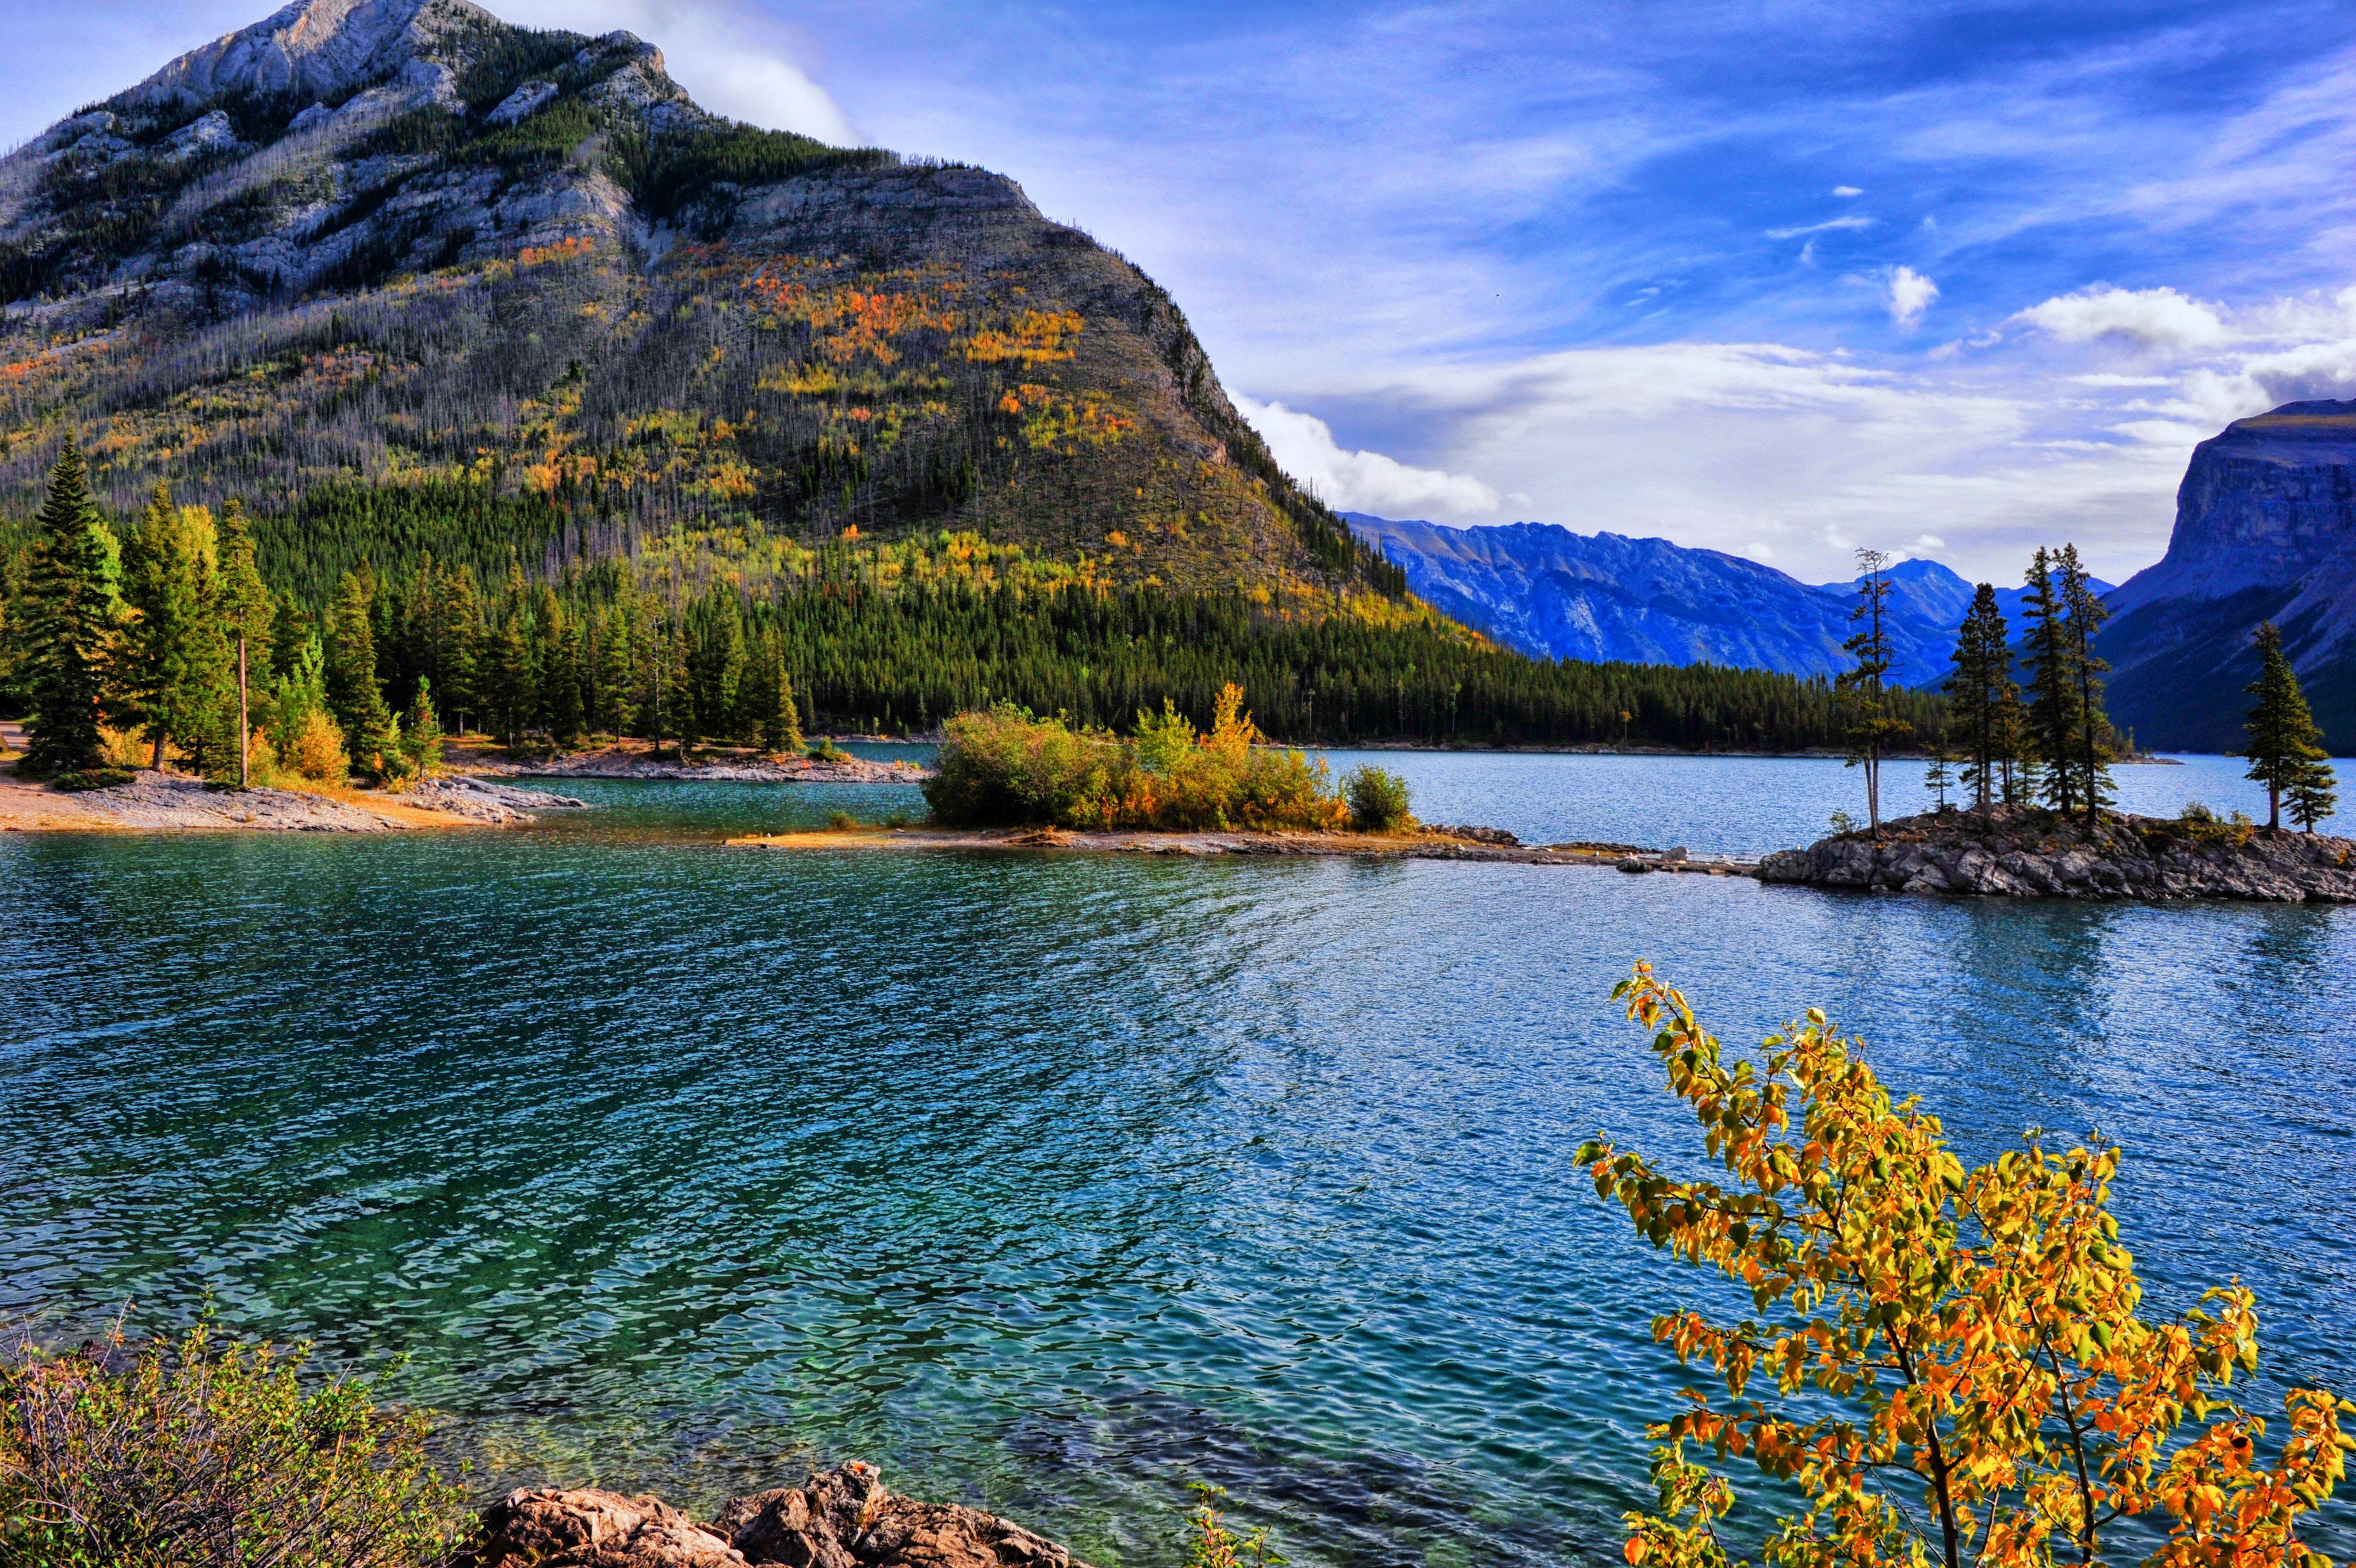 133321 завантажити шпалери Природа, Схил, Озеро, Ліс, Дерева, Осінь - заставки і картинки безкоштовно